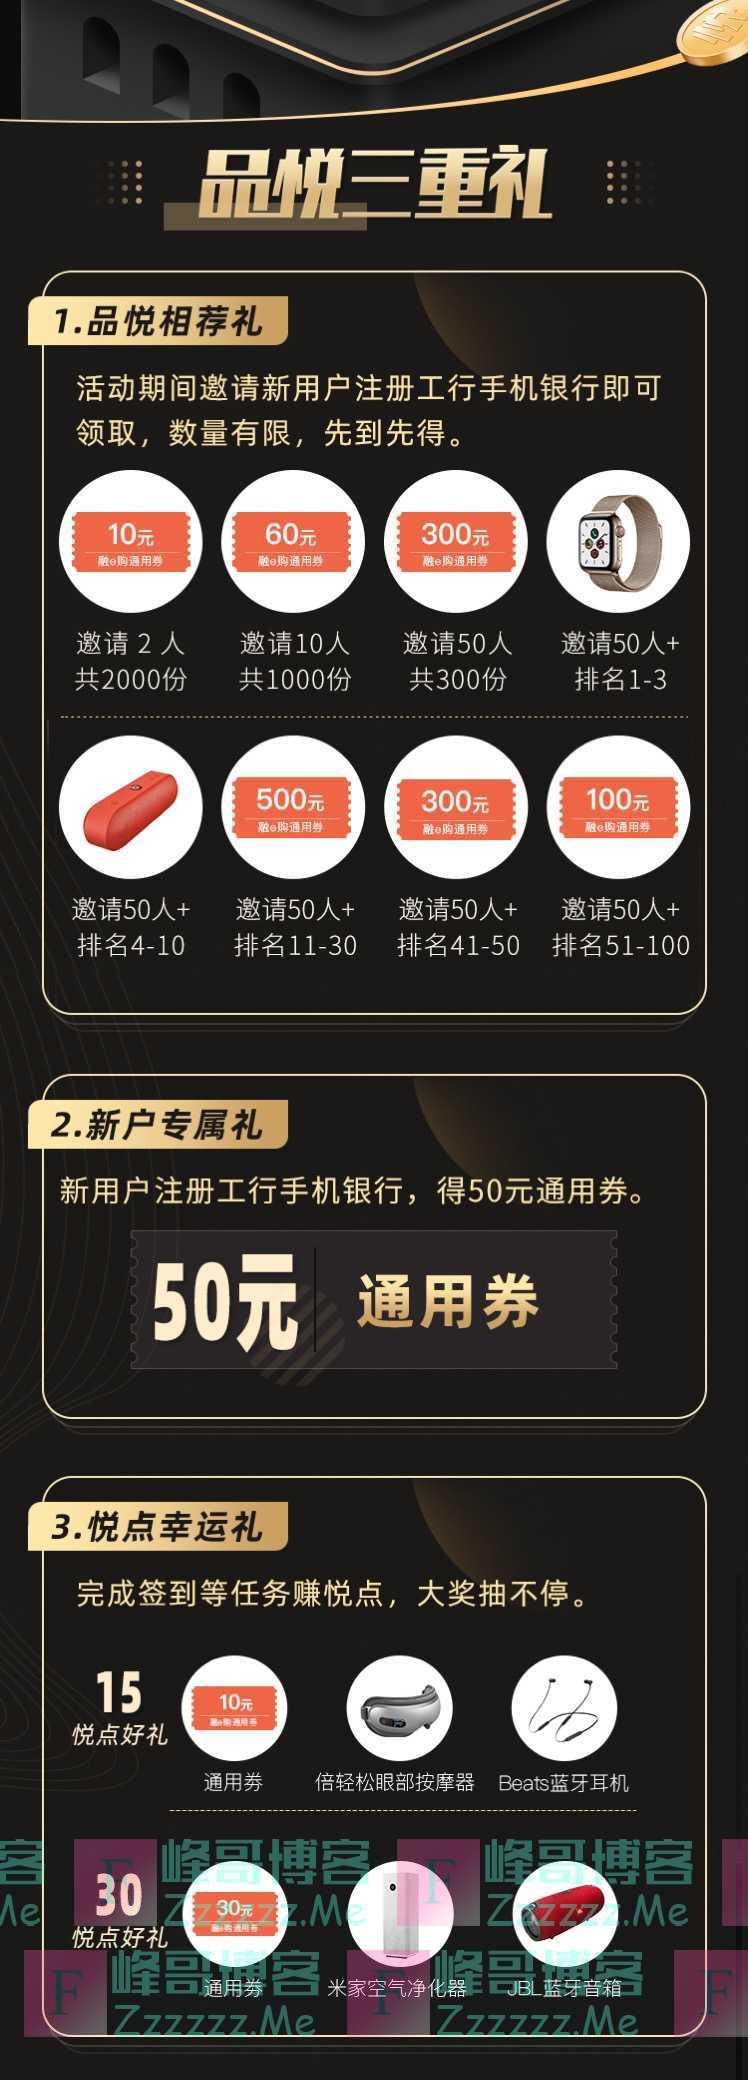 中国工商银行电子银行邀新赢苹果手表,打卡抽蓝牙音箱!(10月17日截止)